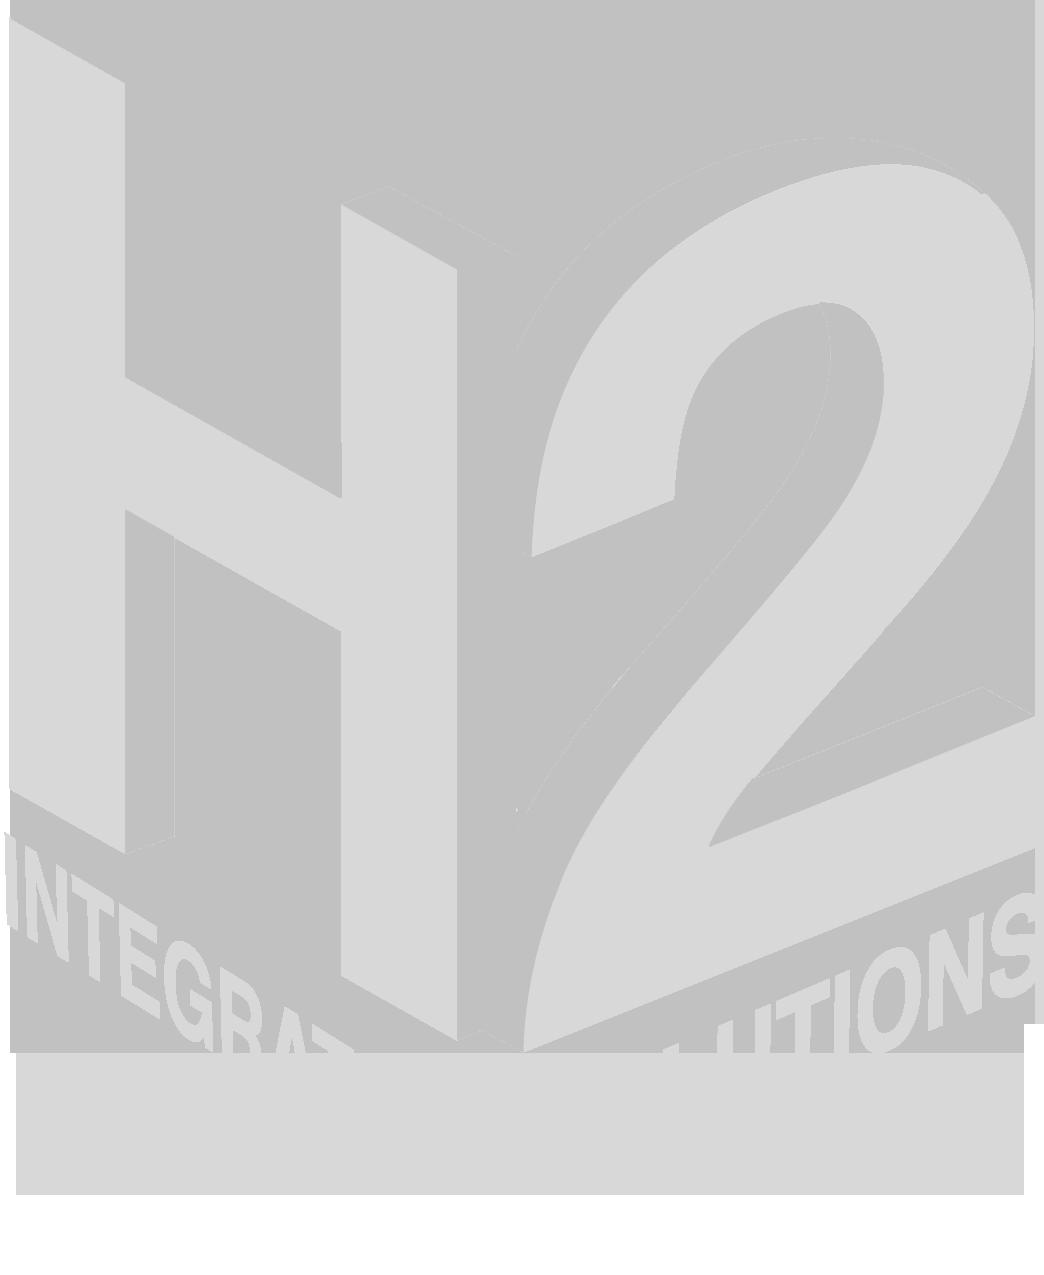 H2-logo-gray